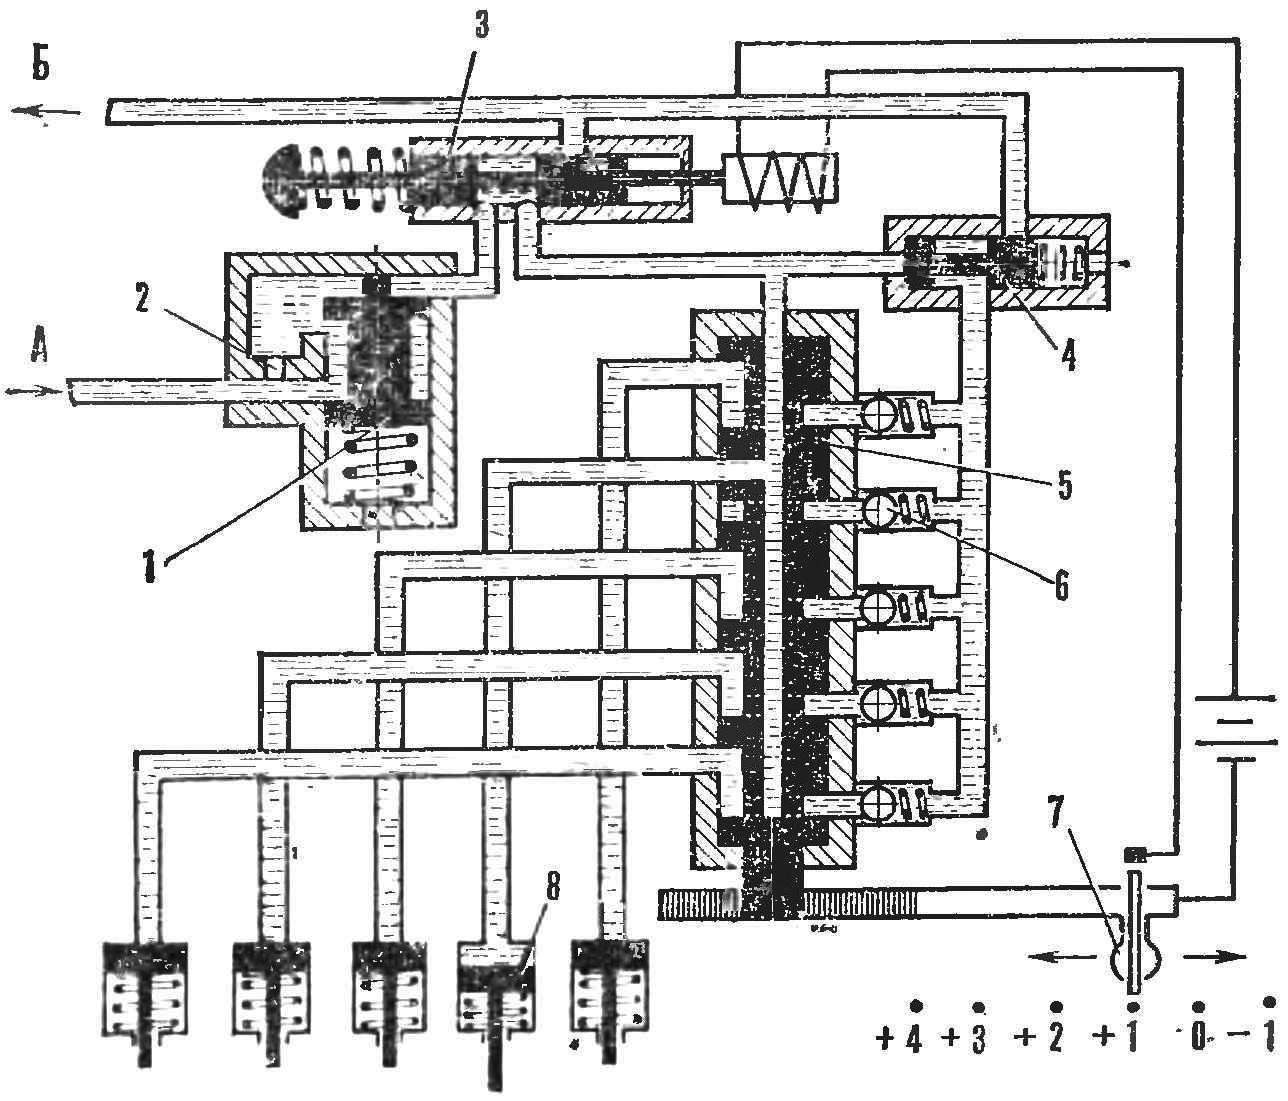 Fig. 3. Diagram of hydraulic transmission control